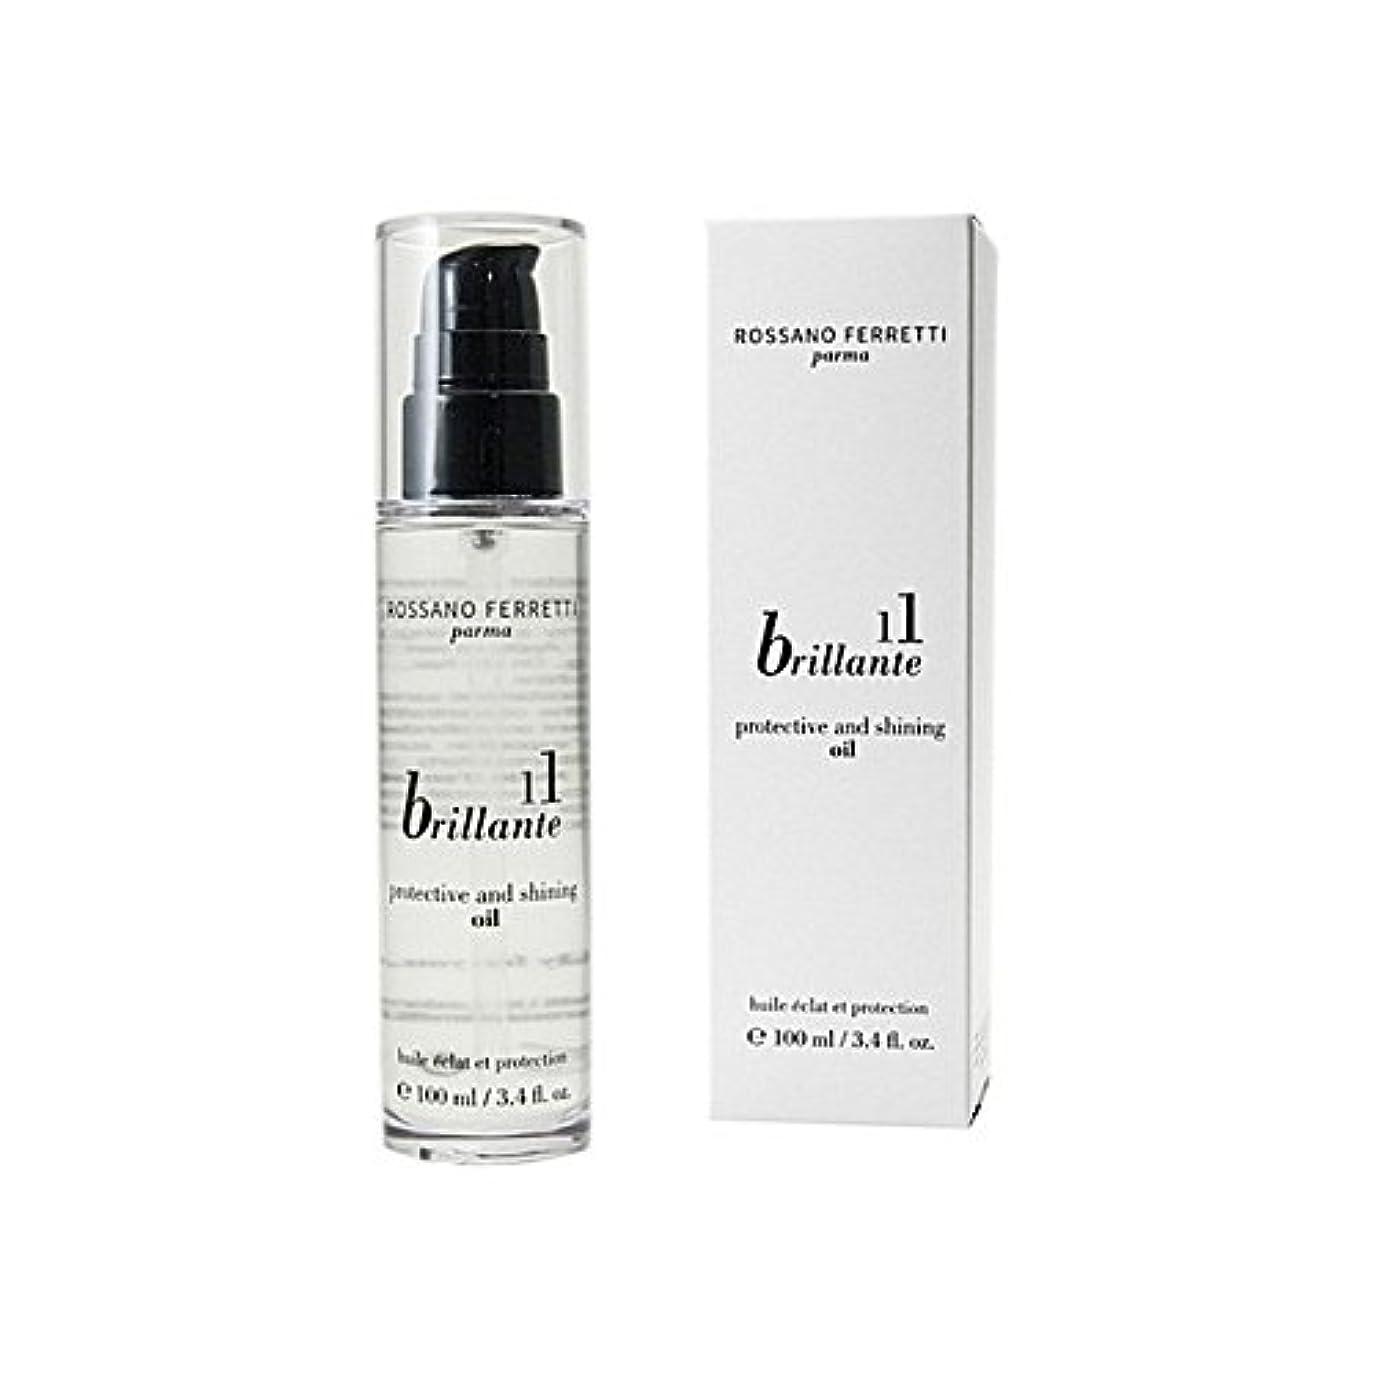 実際スコアうれしいロッサノフェレッティパルマ保護と輝く油ブリランテ x4 - Rossano Ferretti Parma Brillante Protective And Shining Oil (Pack of 4) [並行輸入品]